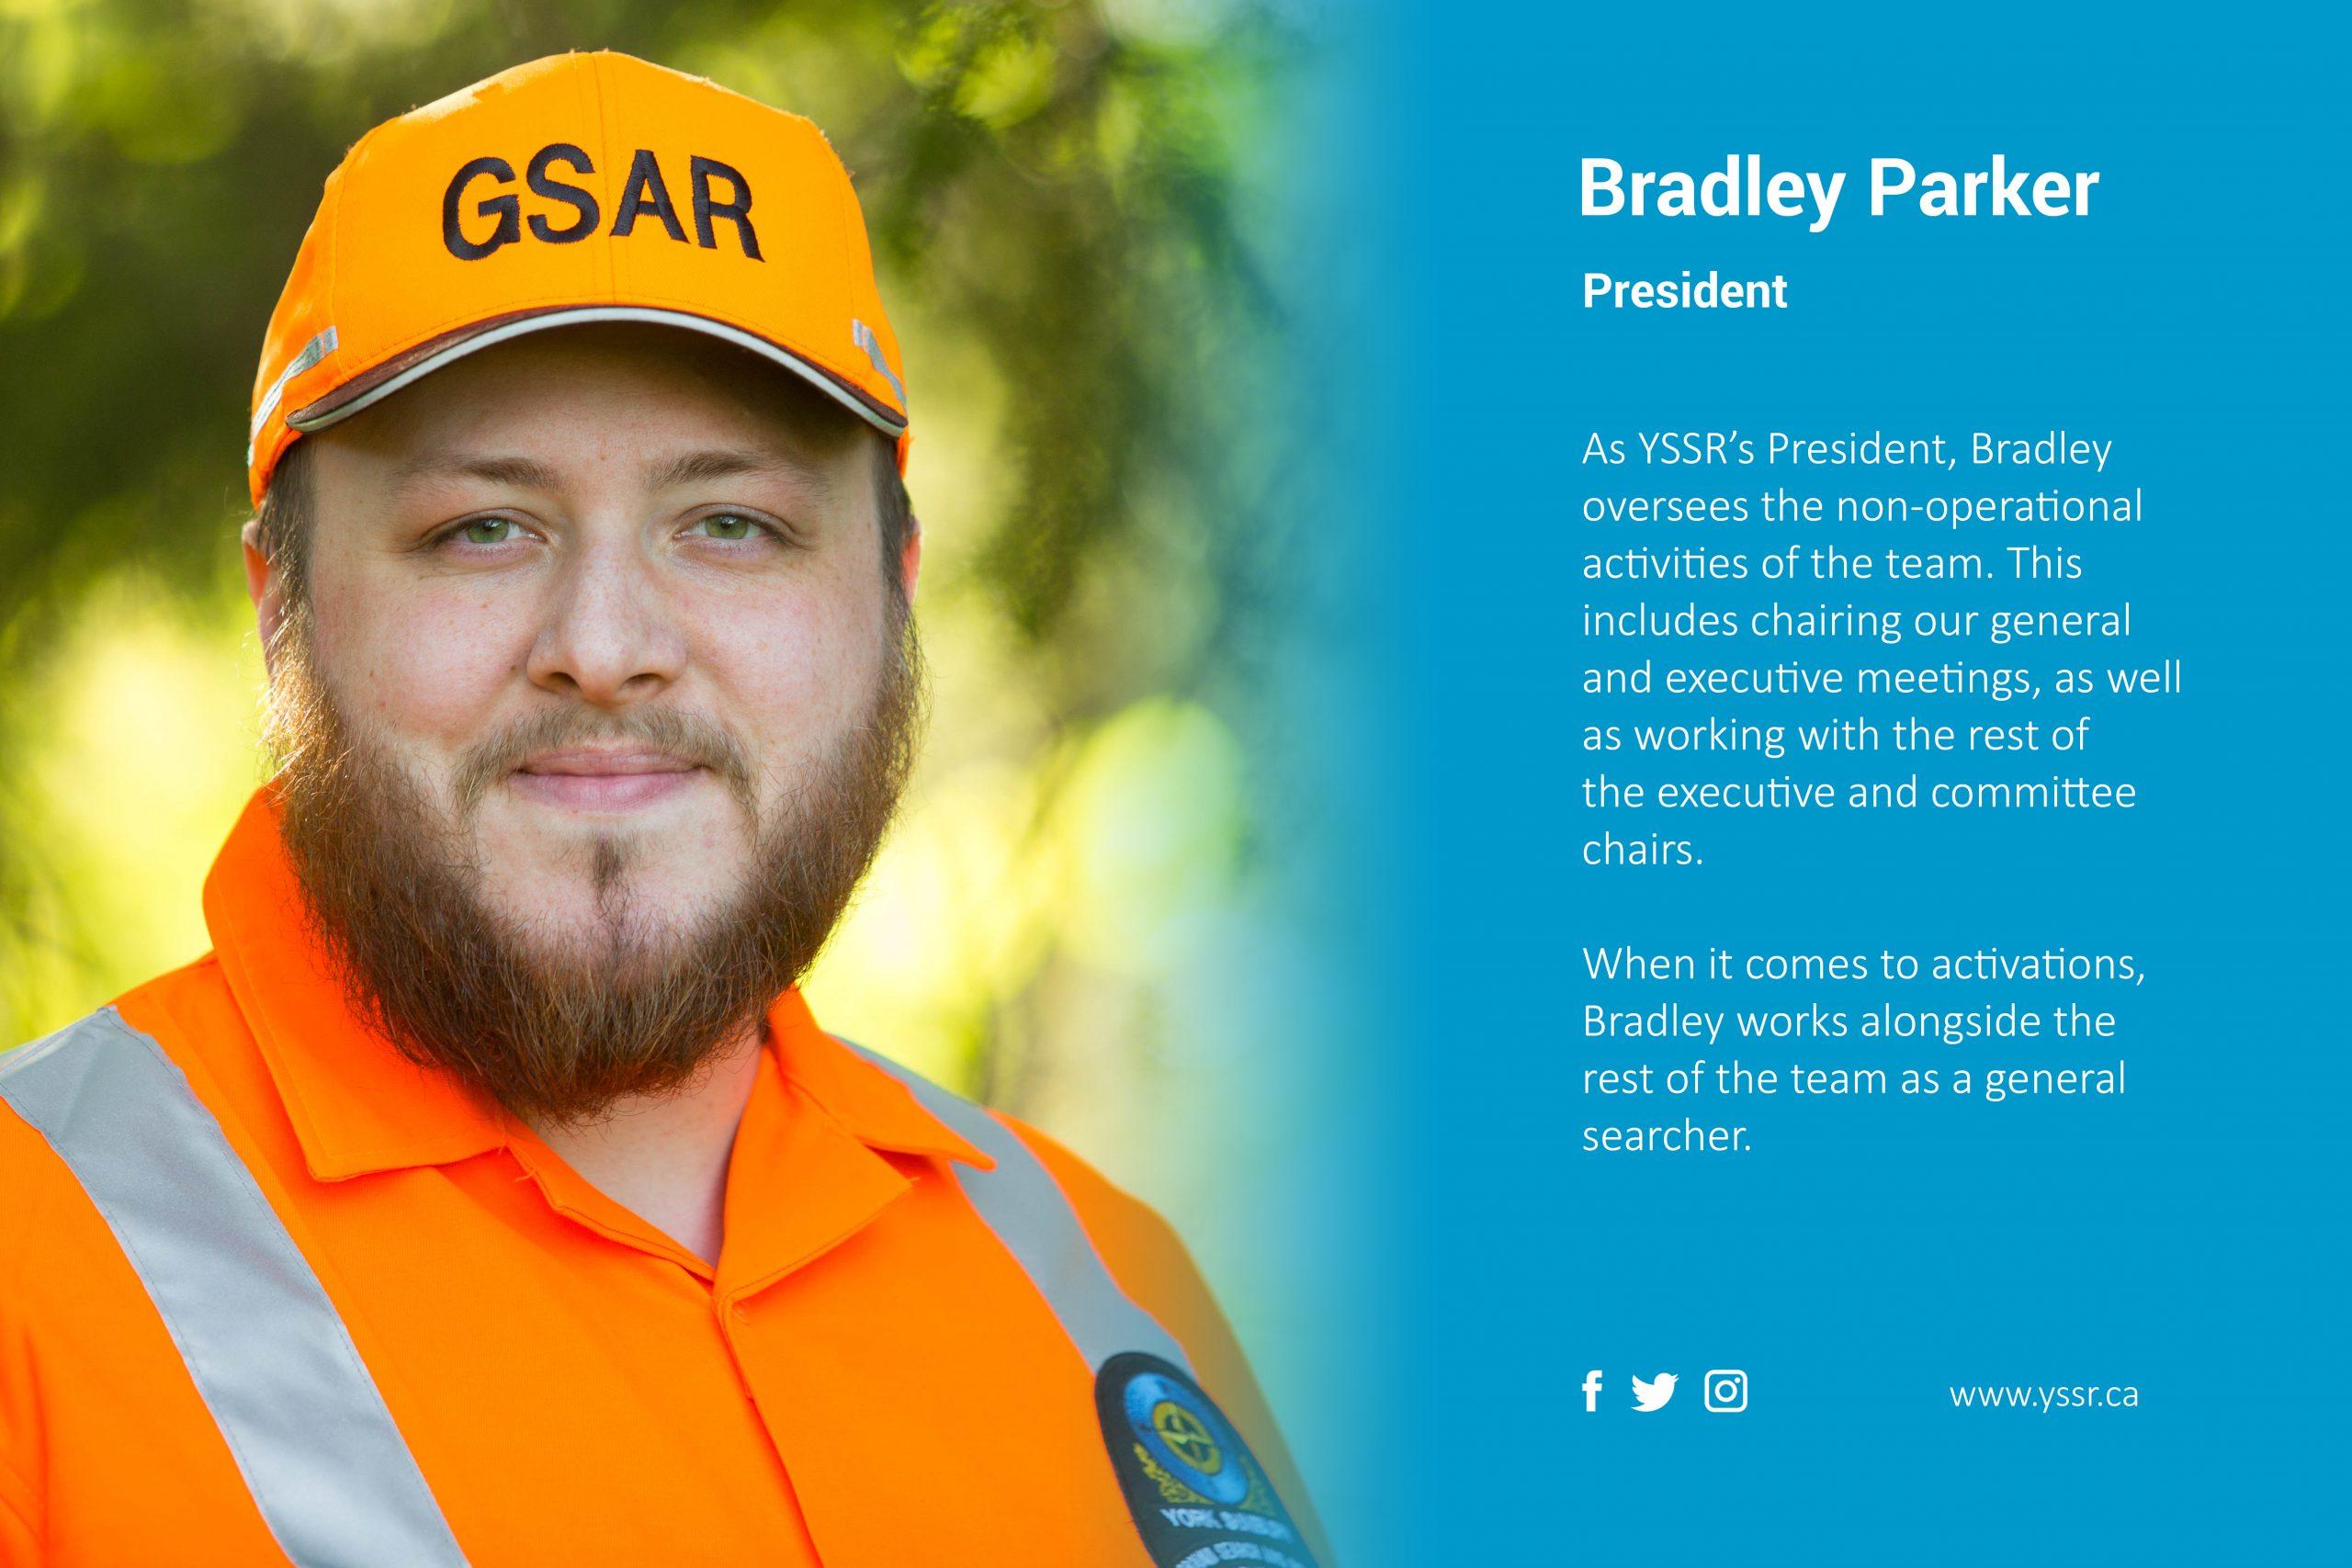 President Bradley Parker highlight